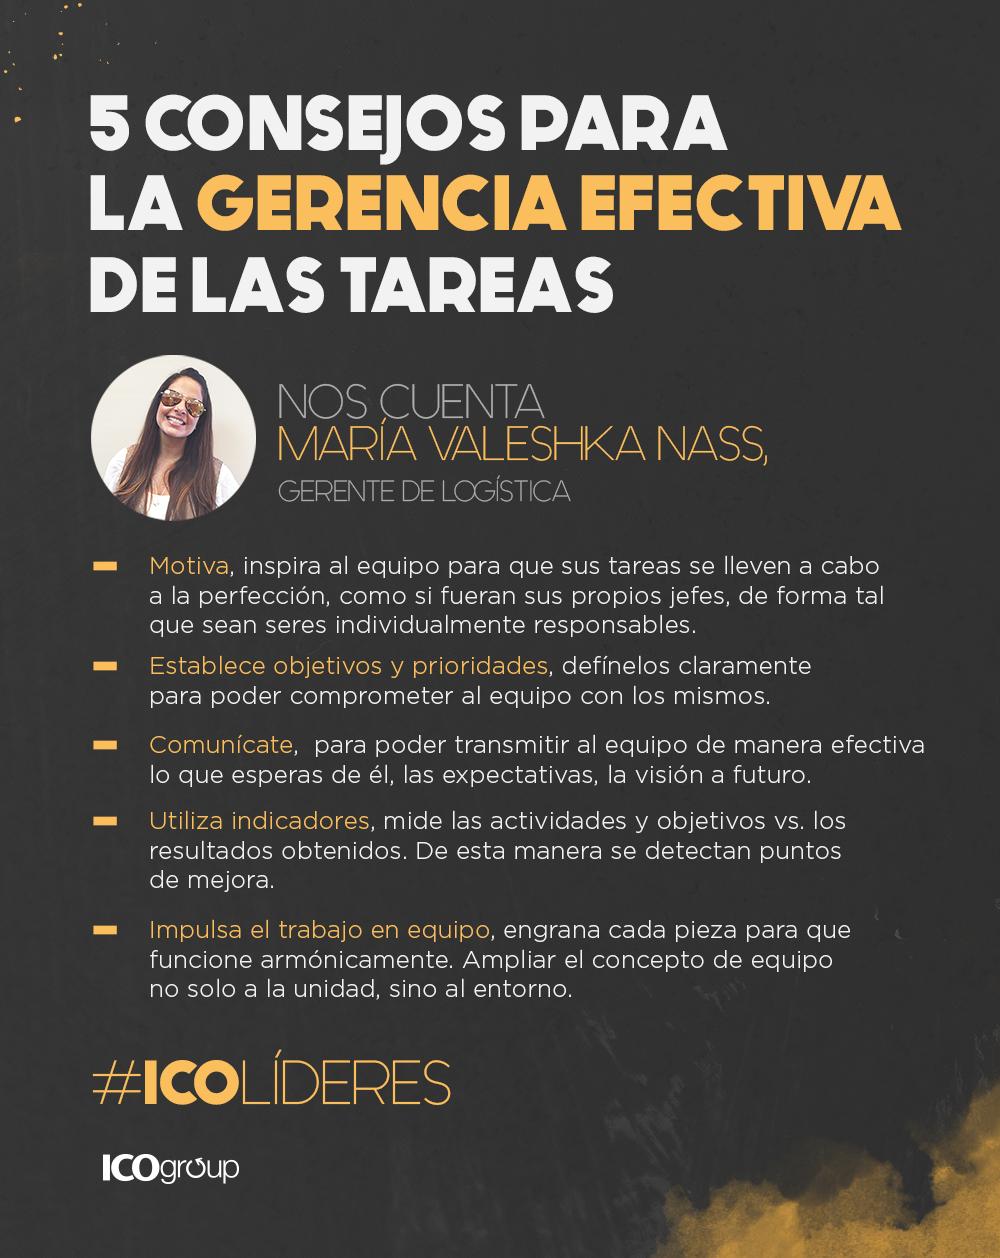 María Valeshka, Gerente de Logística en ICO Group comparte 5 tips ...